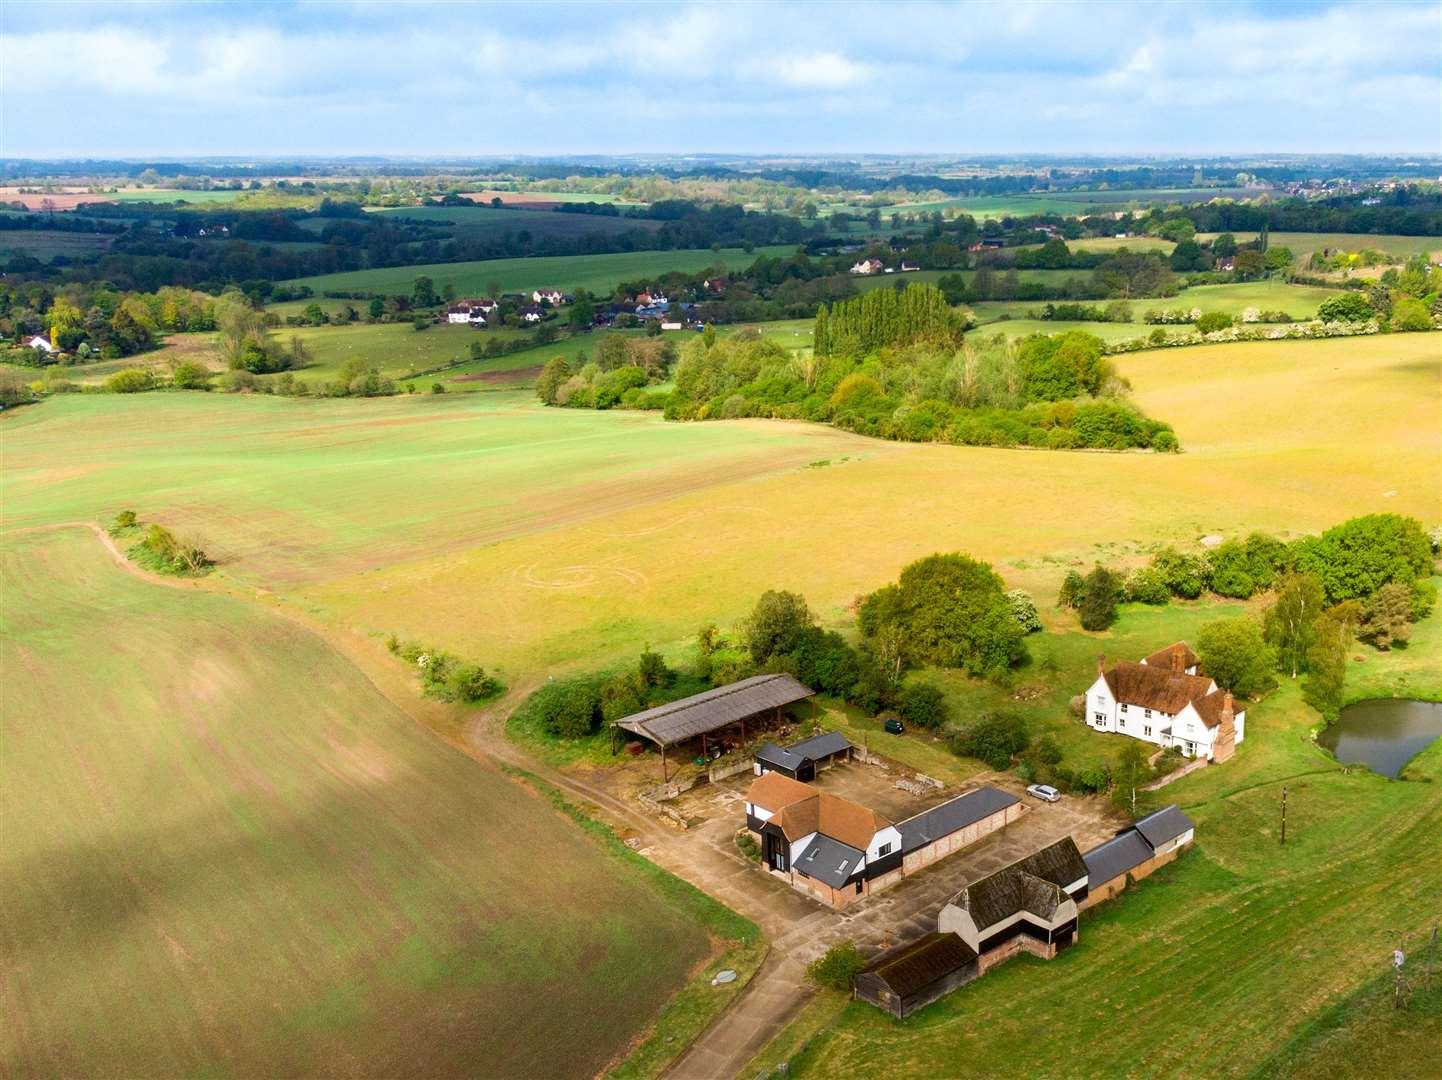 Relief d'une ferme. Image: Laurence Haslop / Cambridge Drones